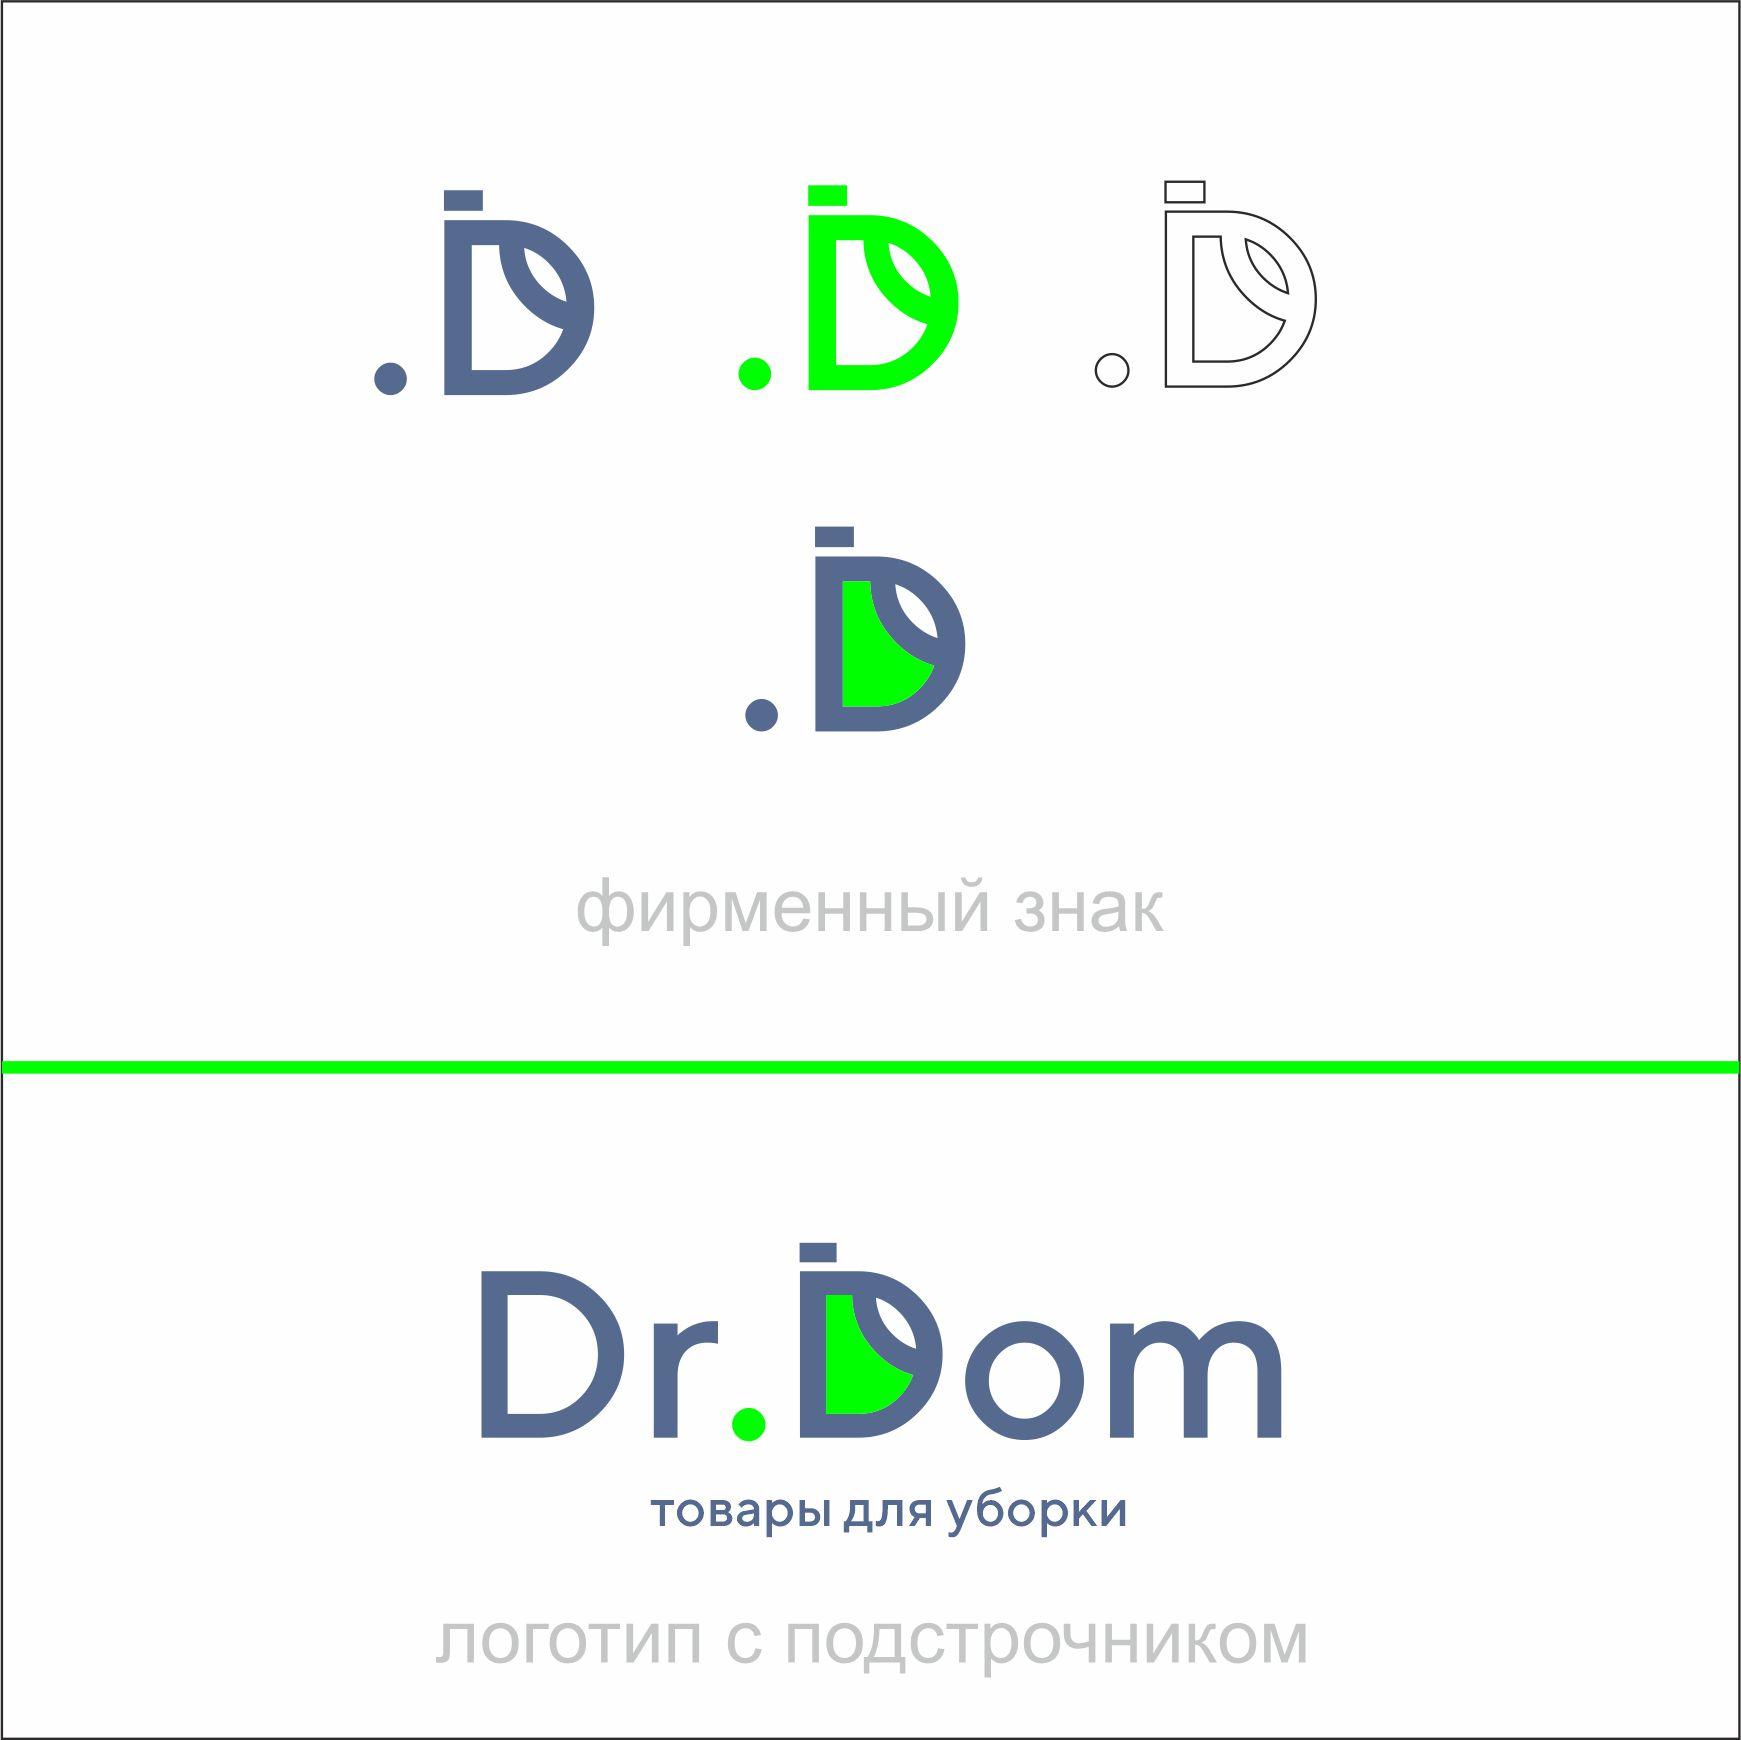 Разработать логотип для сети магазинов бытовой химии и товаров для уборки фото f_9375ffeb7b59a884.jpg